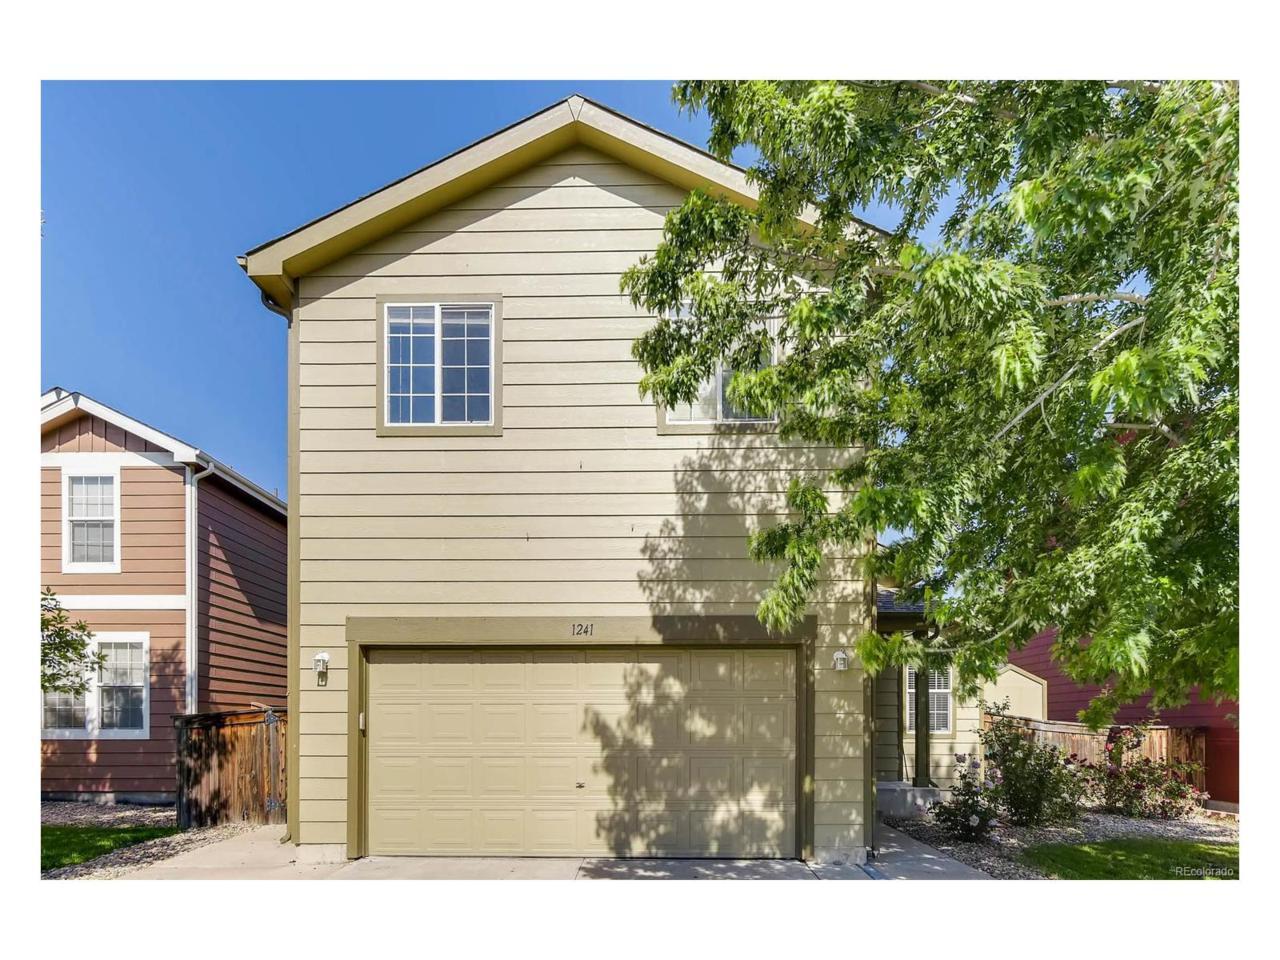 1241 Osprey Street, Brighton, CO 80601 (MLS #7841680) :: 8z Real Estate